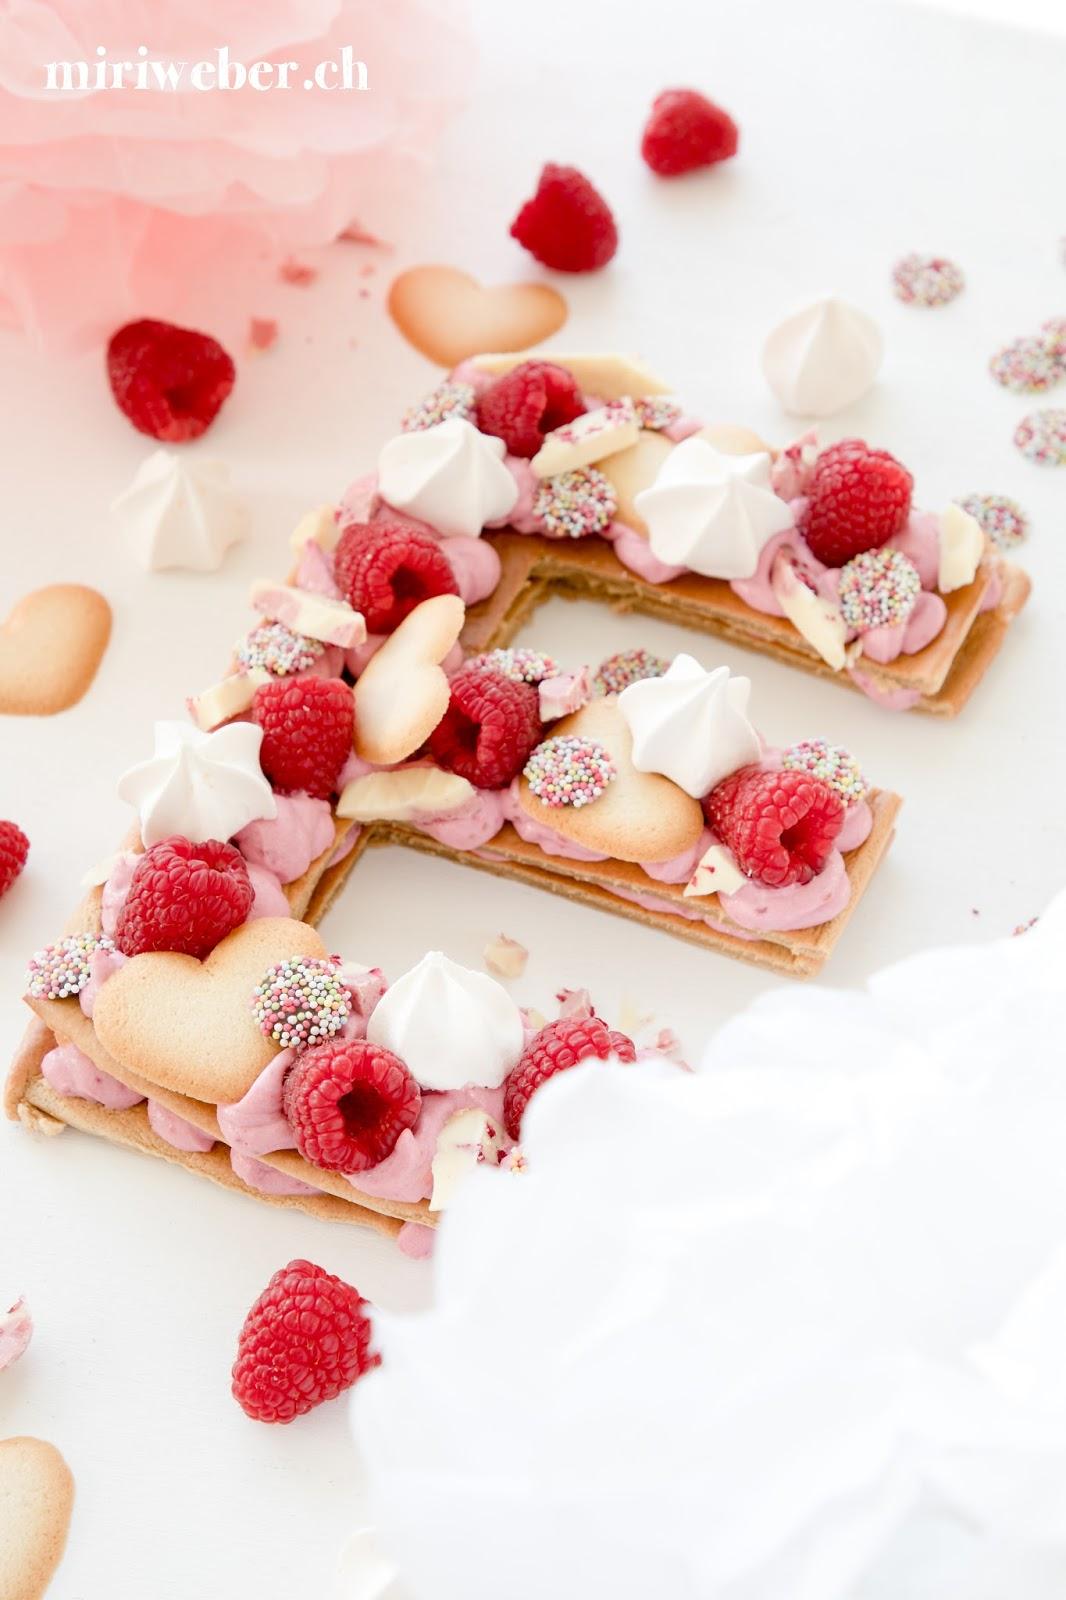 Blog Schweiz Miriweber Ch Letter Cake Buchstaben Kuchen